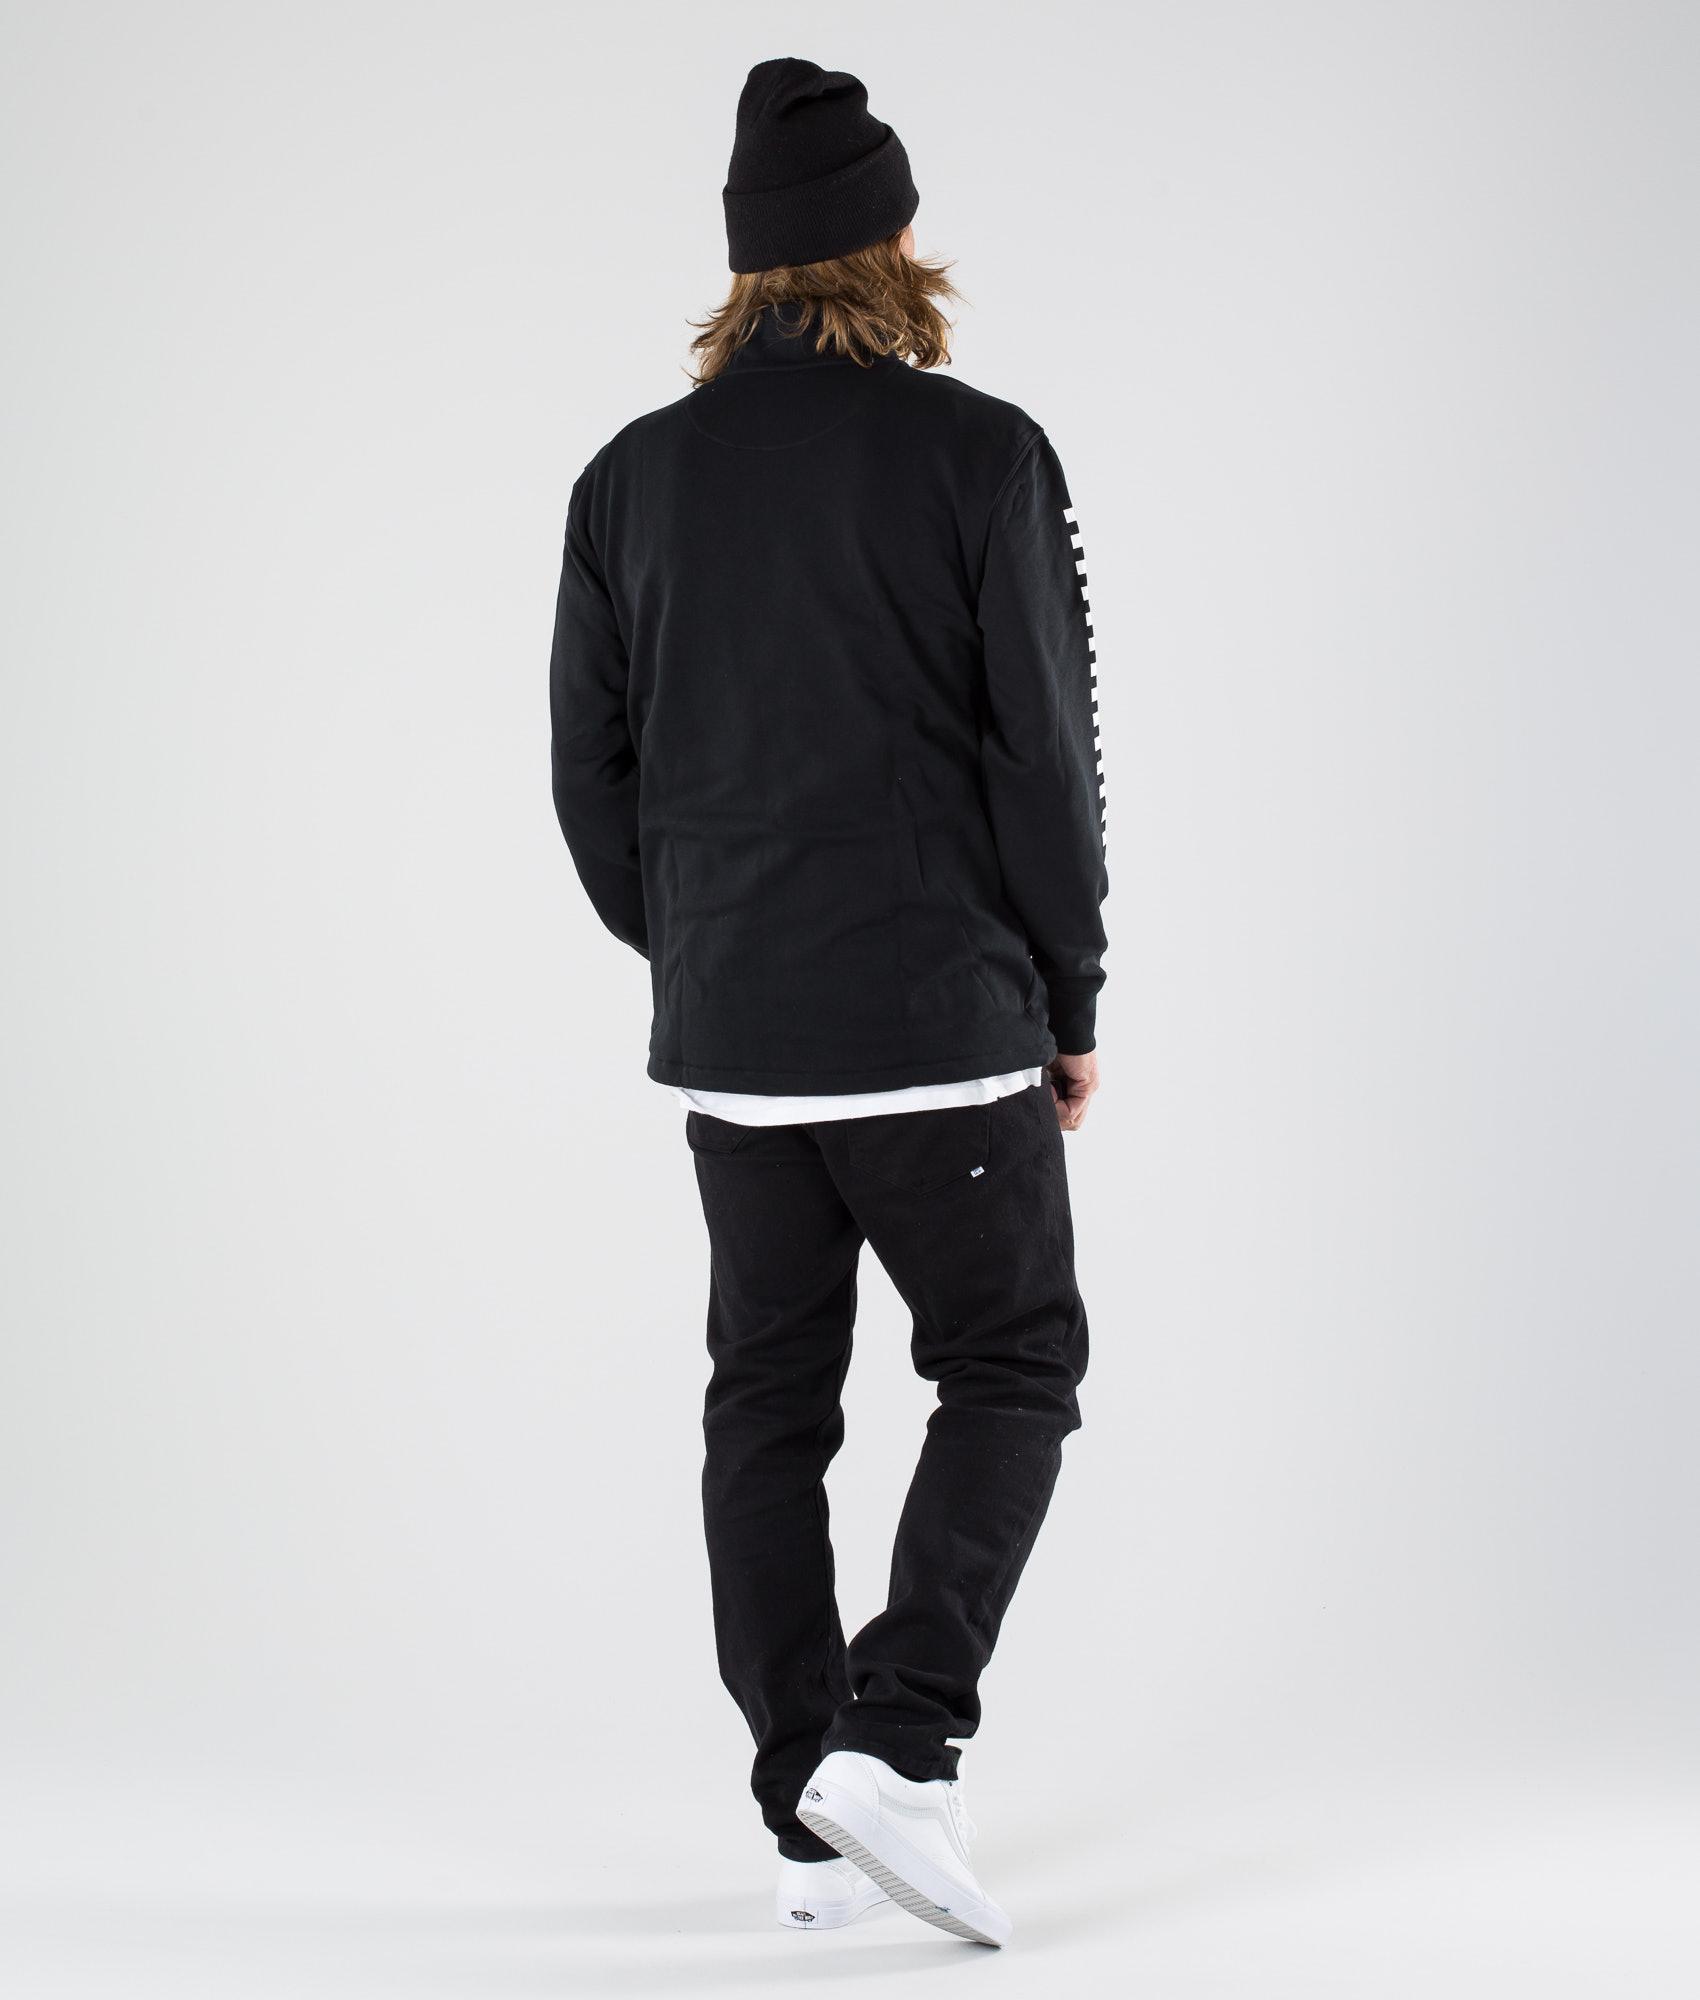 7d438b157ee1f9 Vans Versa Qzp Sweater Black Checkerboard - Ridestore.com